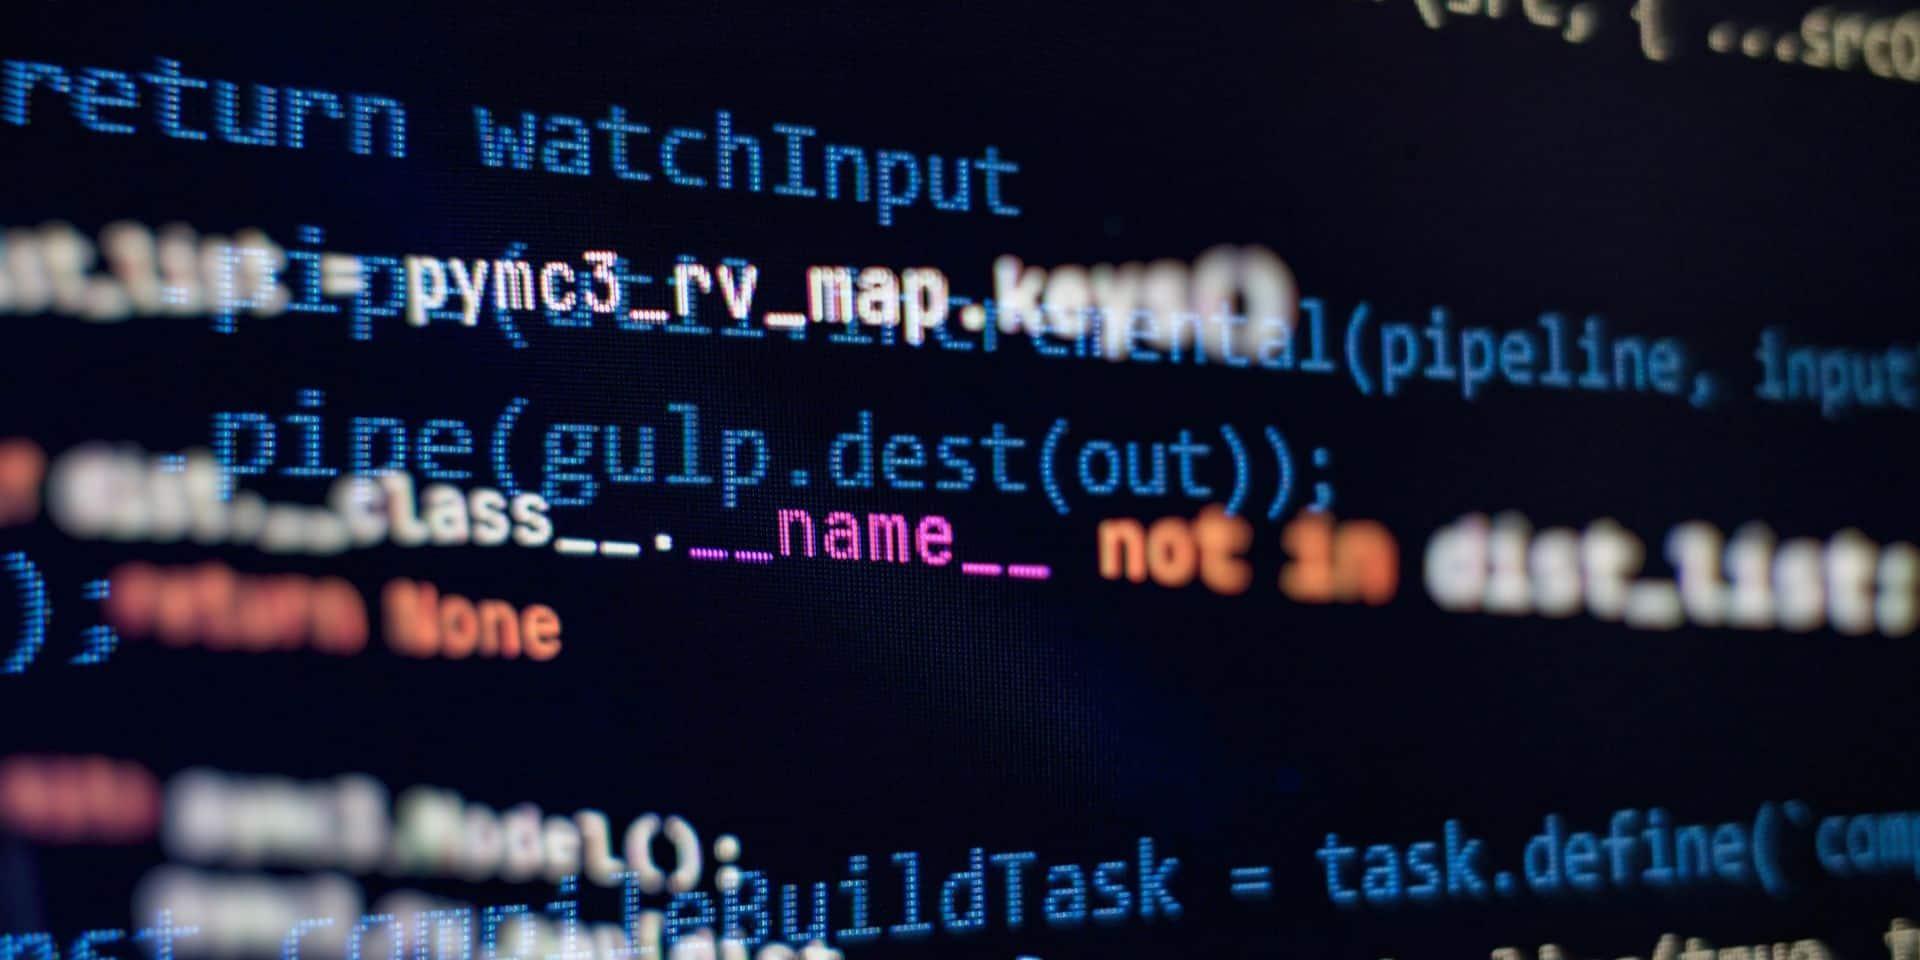 Comme souvent, l'effet sera démultiplié par le fait que les internautes utilisent couramment le même mot de passe dans plusieurs applications.